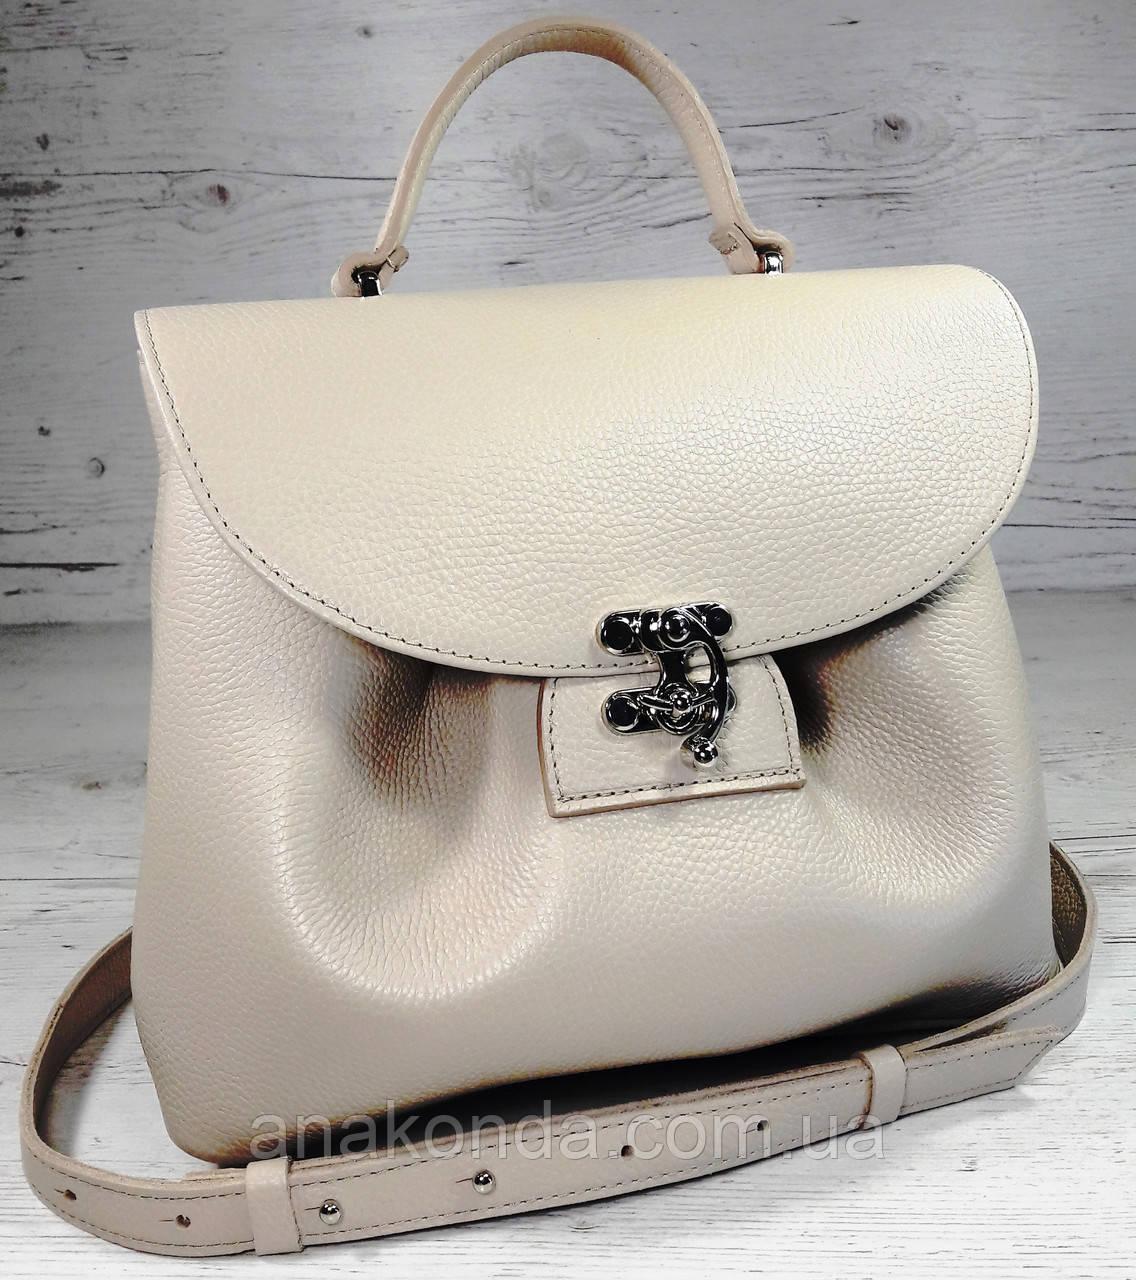 554 Натуральная кожа, Сумка женская, светлая бежевая молочная, экрю светлый беж Кожаная сумка поворотном замке